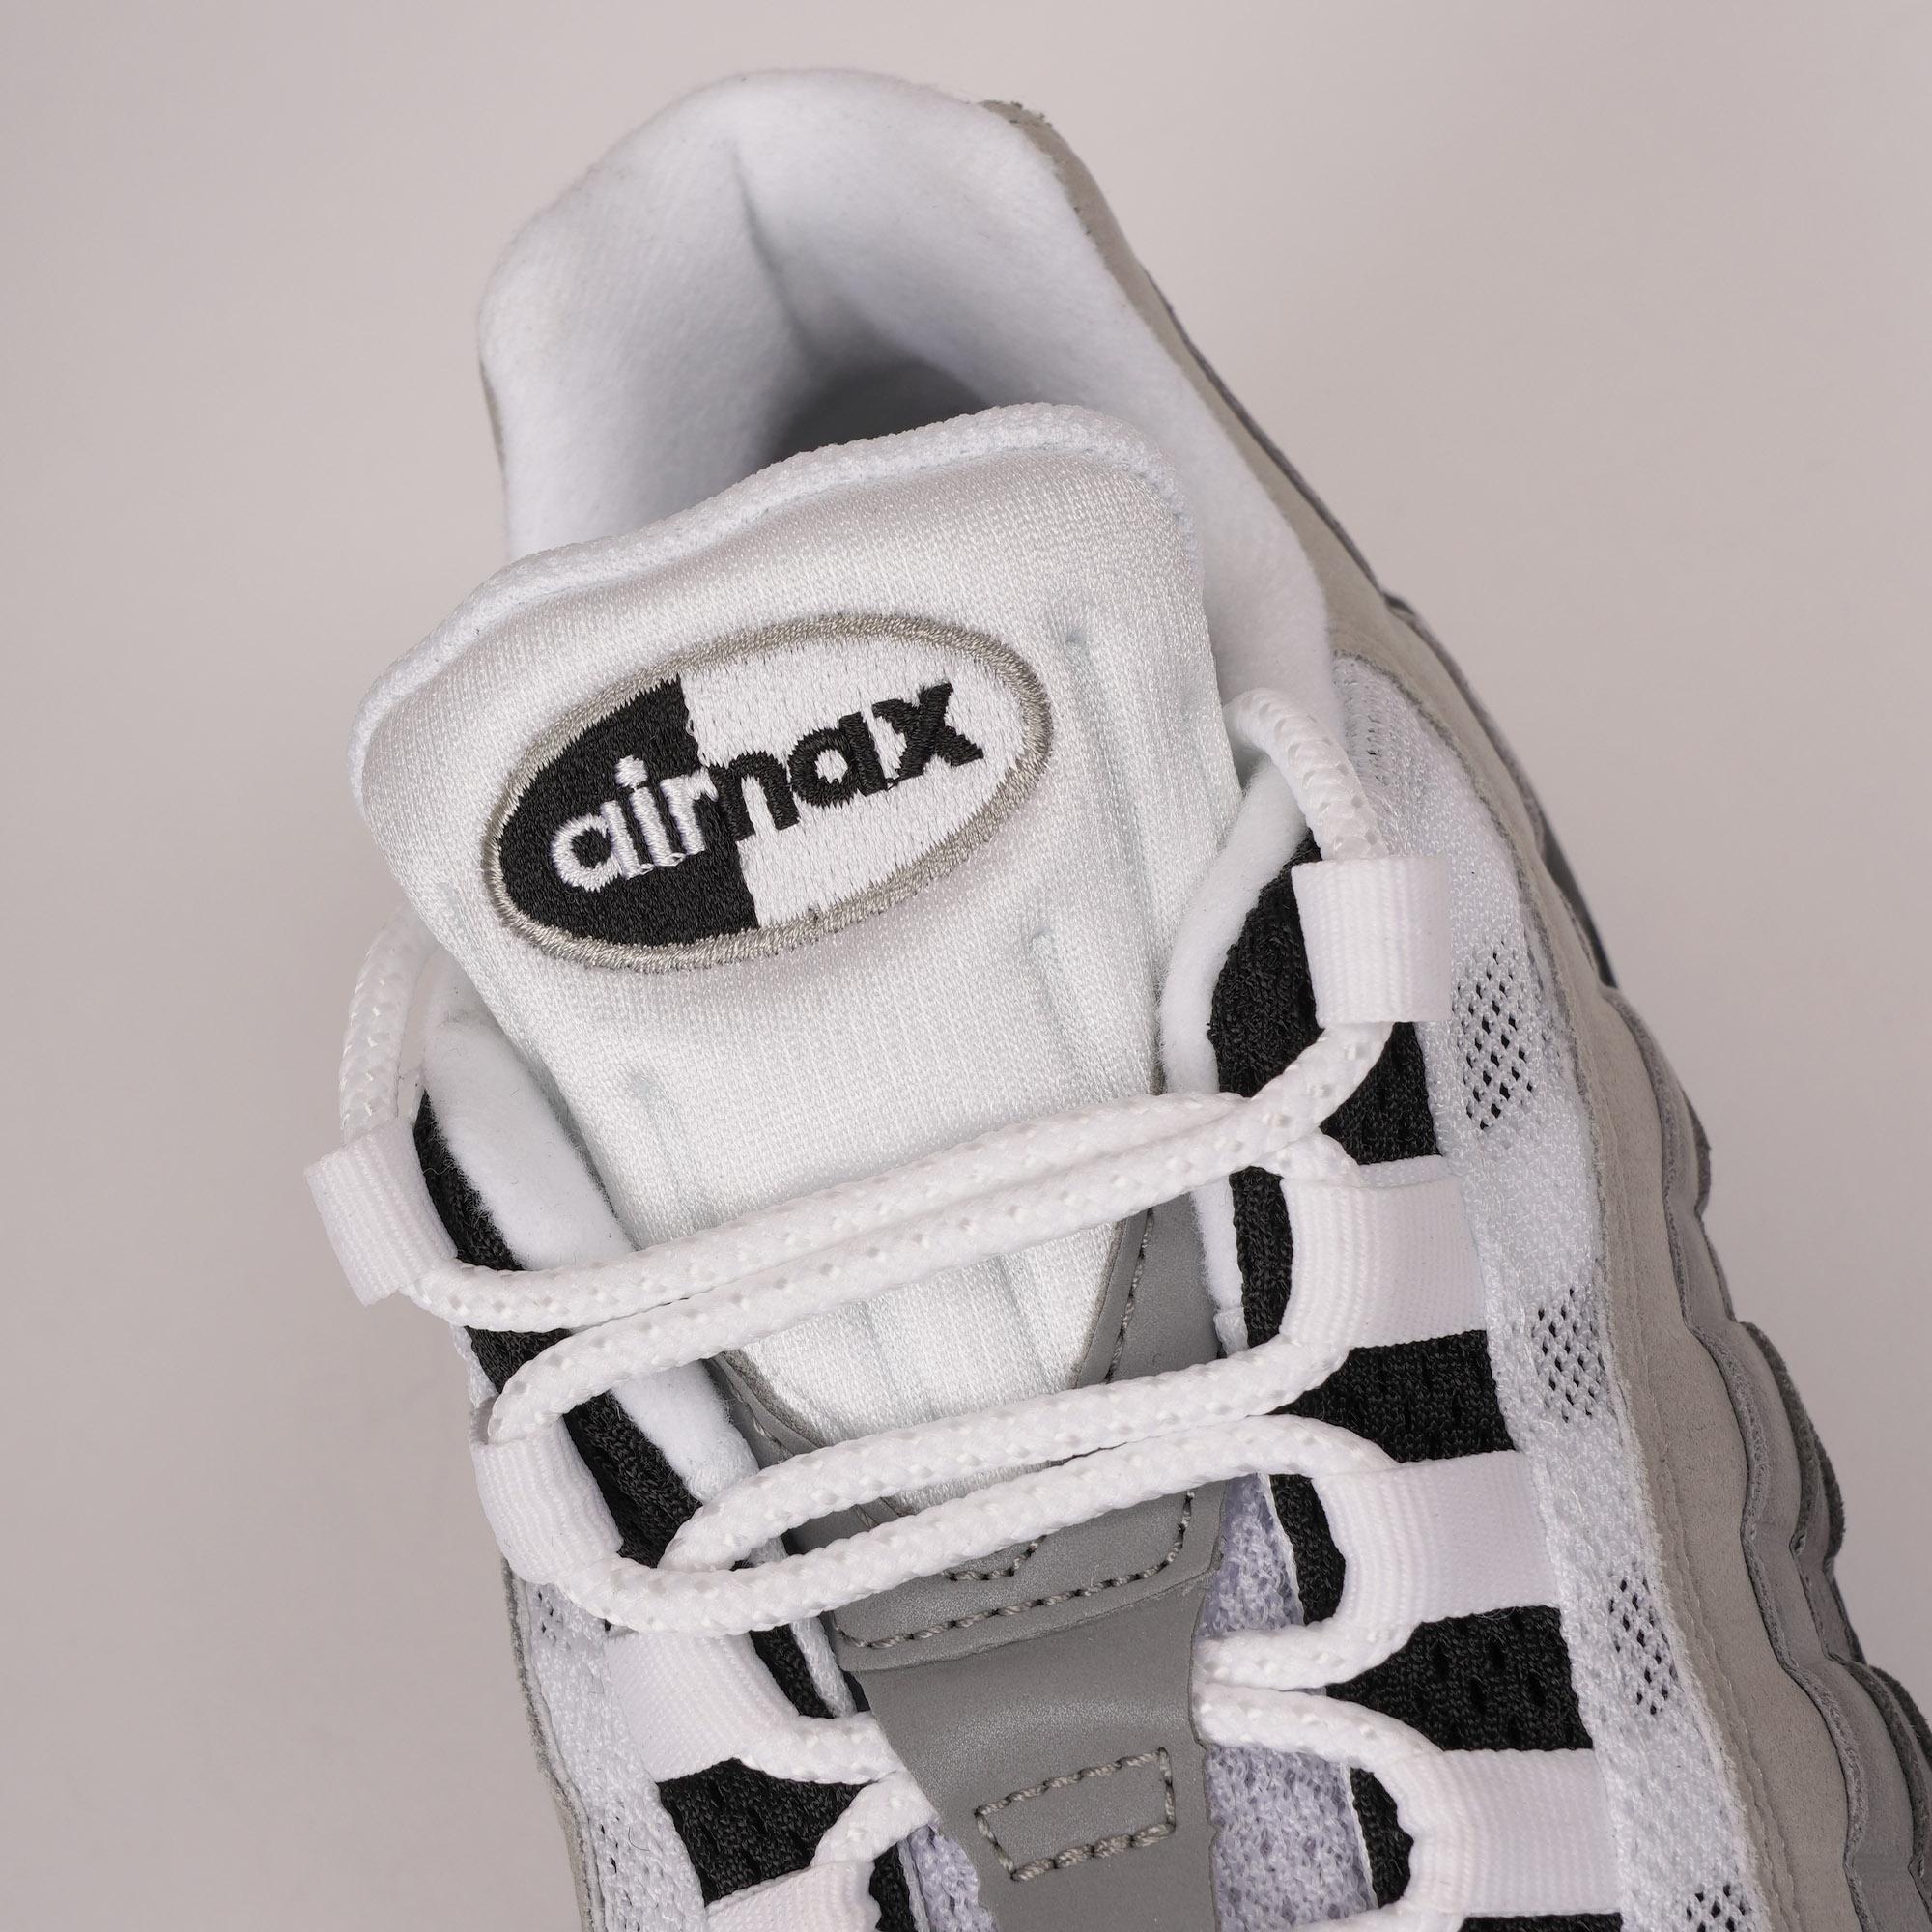 c0b2e6134 Nike - Air Max 95 Og - Black